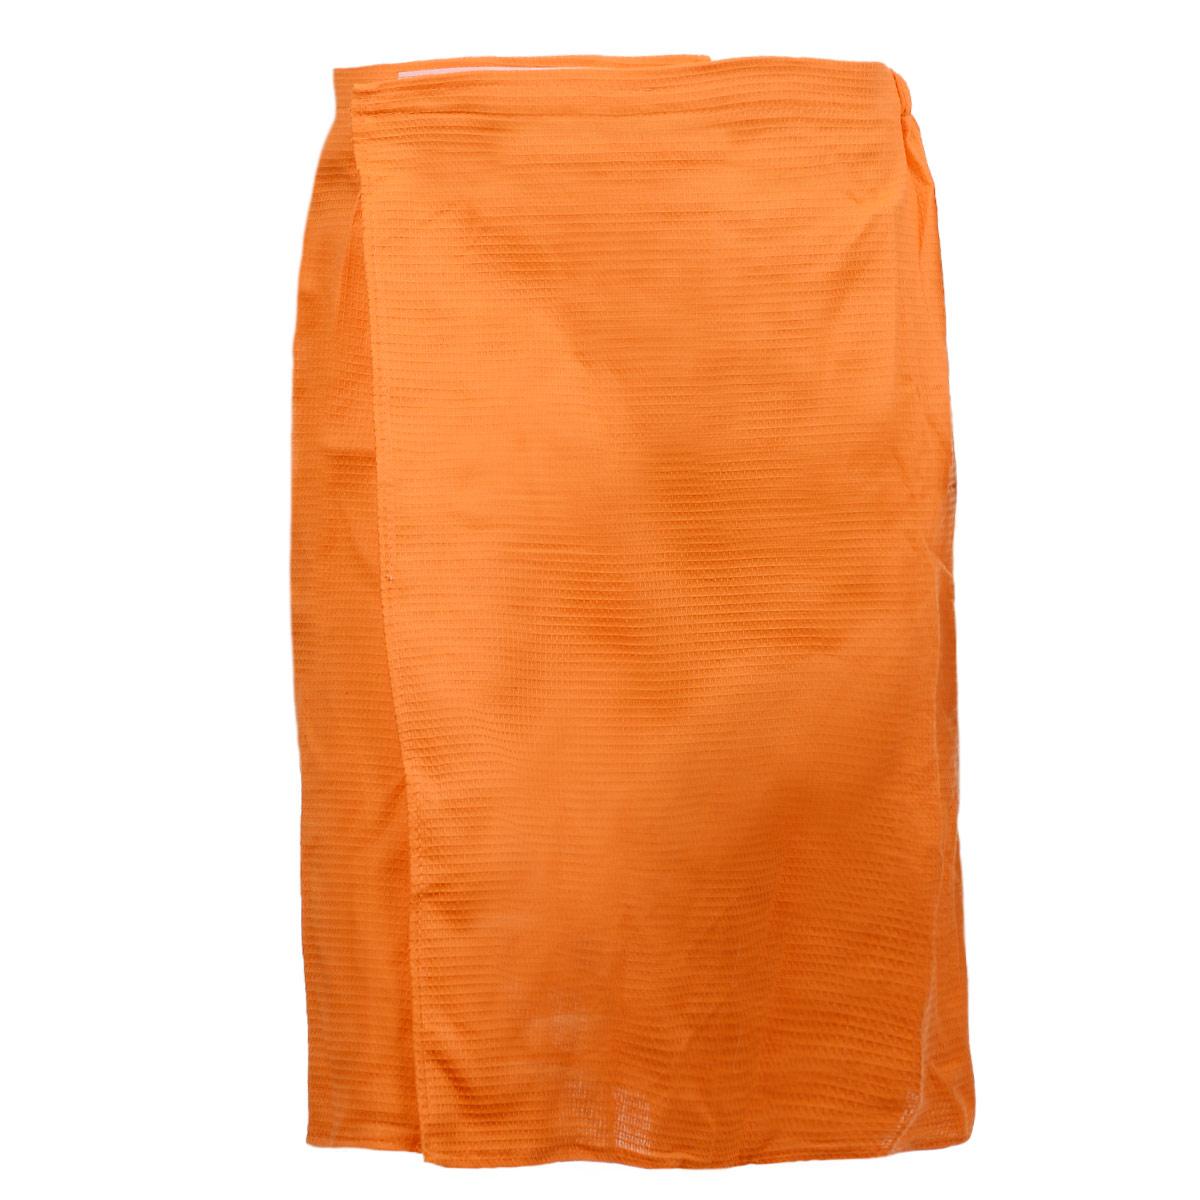 Килт для бани и сауны Банные штучки, мужской, цвет: оранжевый00007575Вафельный килт для бани и сауны Банные штучки, выполненный из натурального хлопка, привлечет внимание любителей модных тенденций в банной одежде.Килт - это многофункциональное полотенце специального покроя с резинкой и застежкой. В парилке можно лежать на нем, после душа вытираться, а во время отдыха использовать как удобную накидку.Длина килта: 60 см.Ширина килта: 145 см.Размер: 36-60.